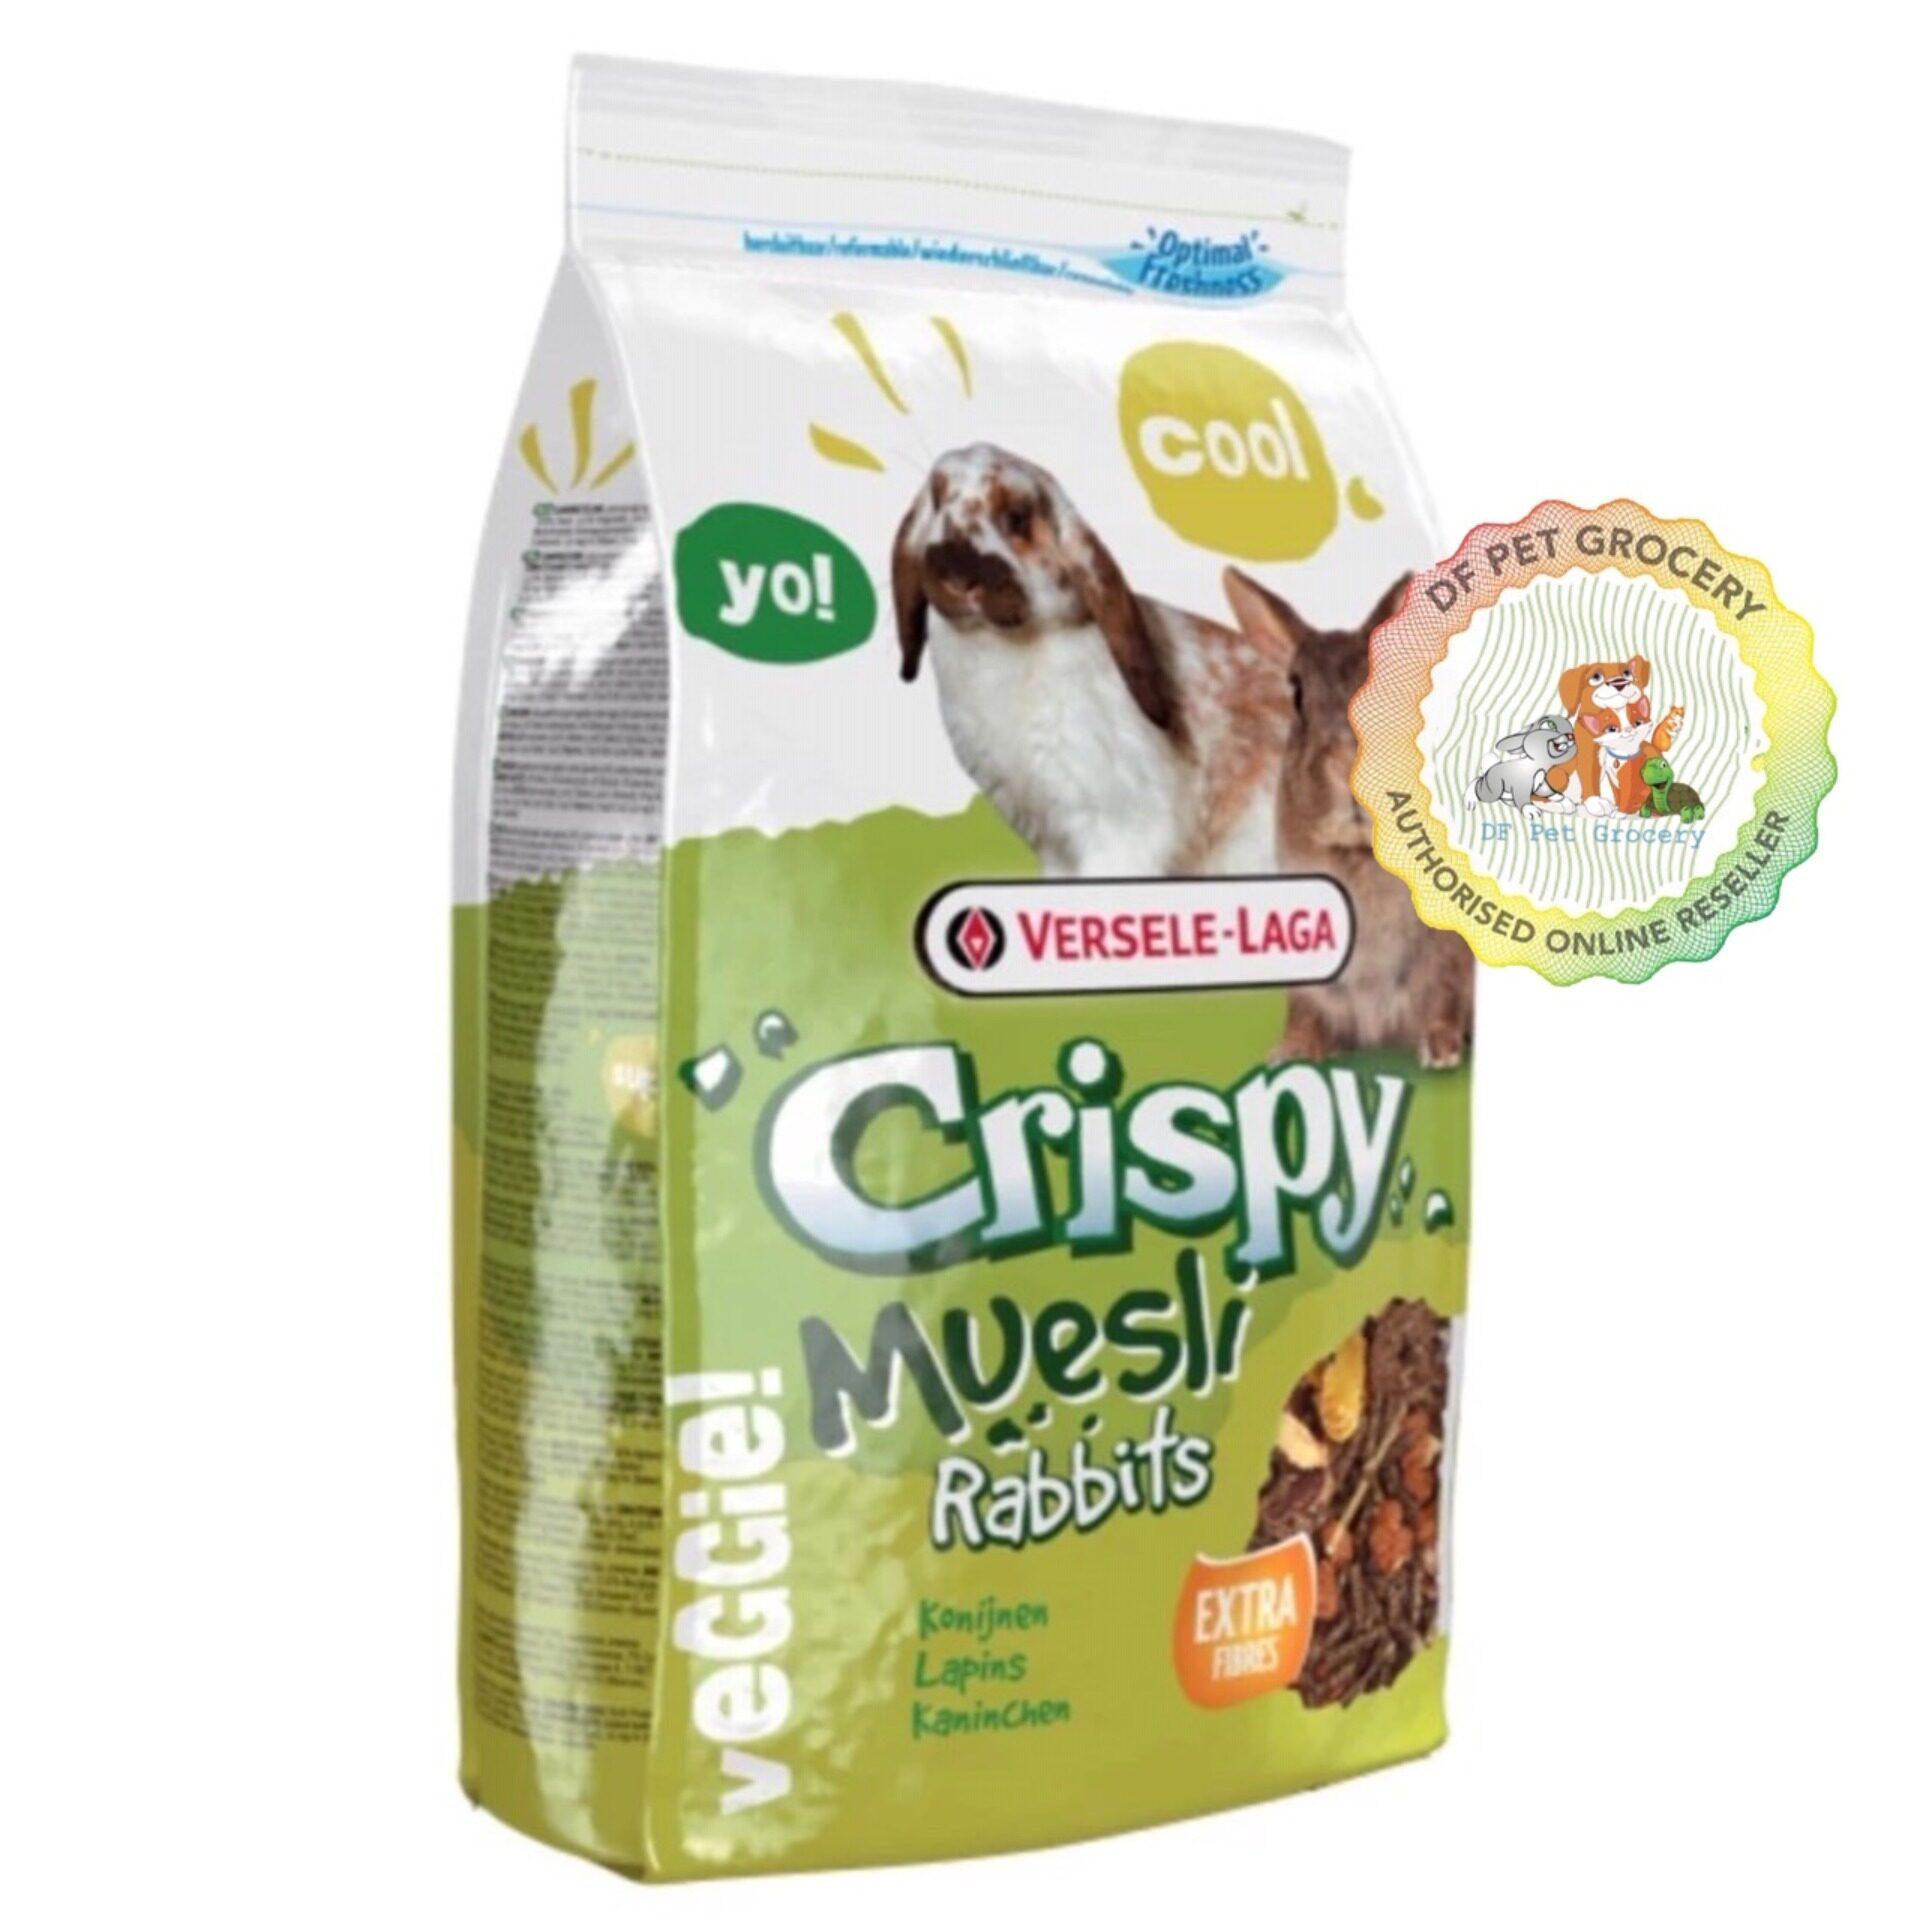 Versele Laga Crispy Muesli Complete Rabbit Food 1kg